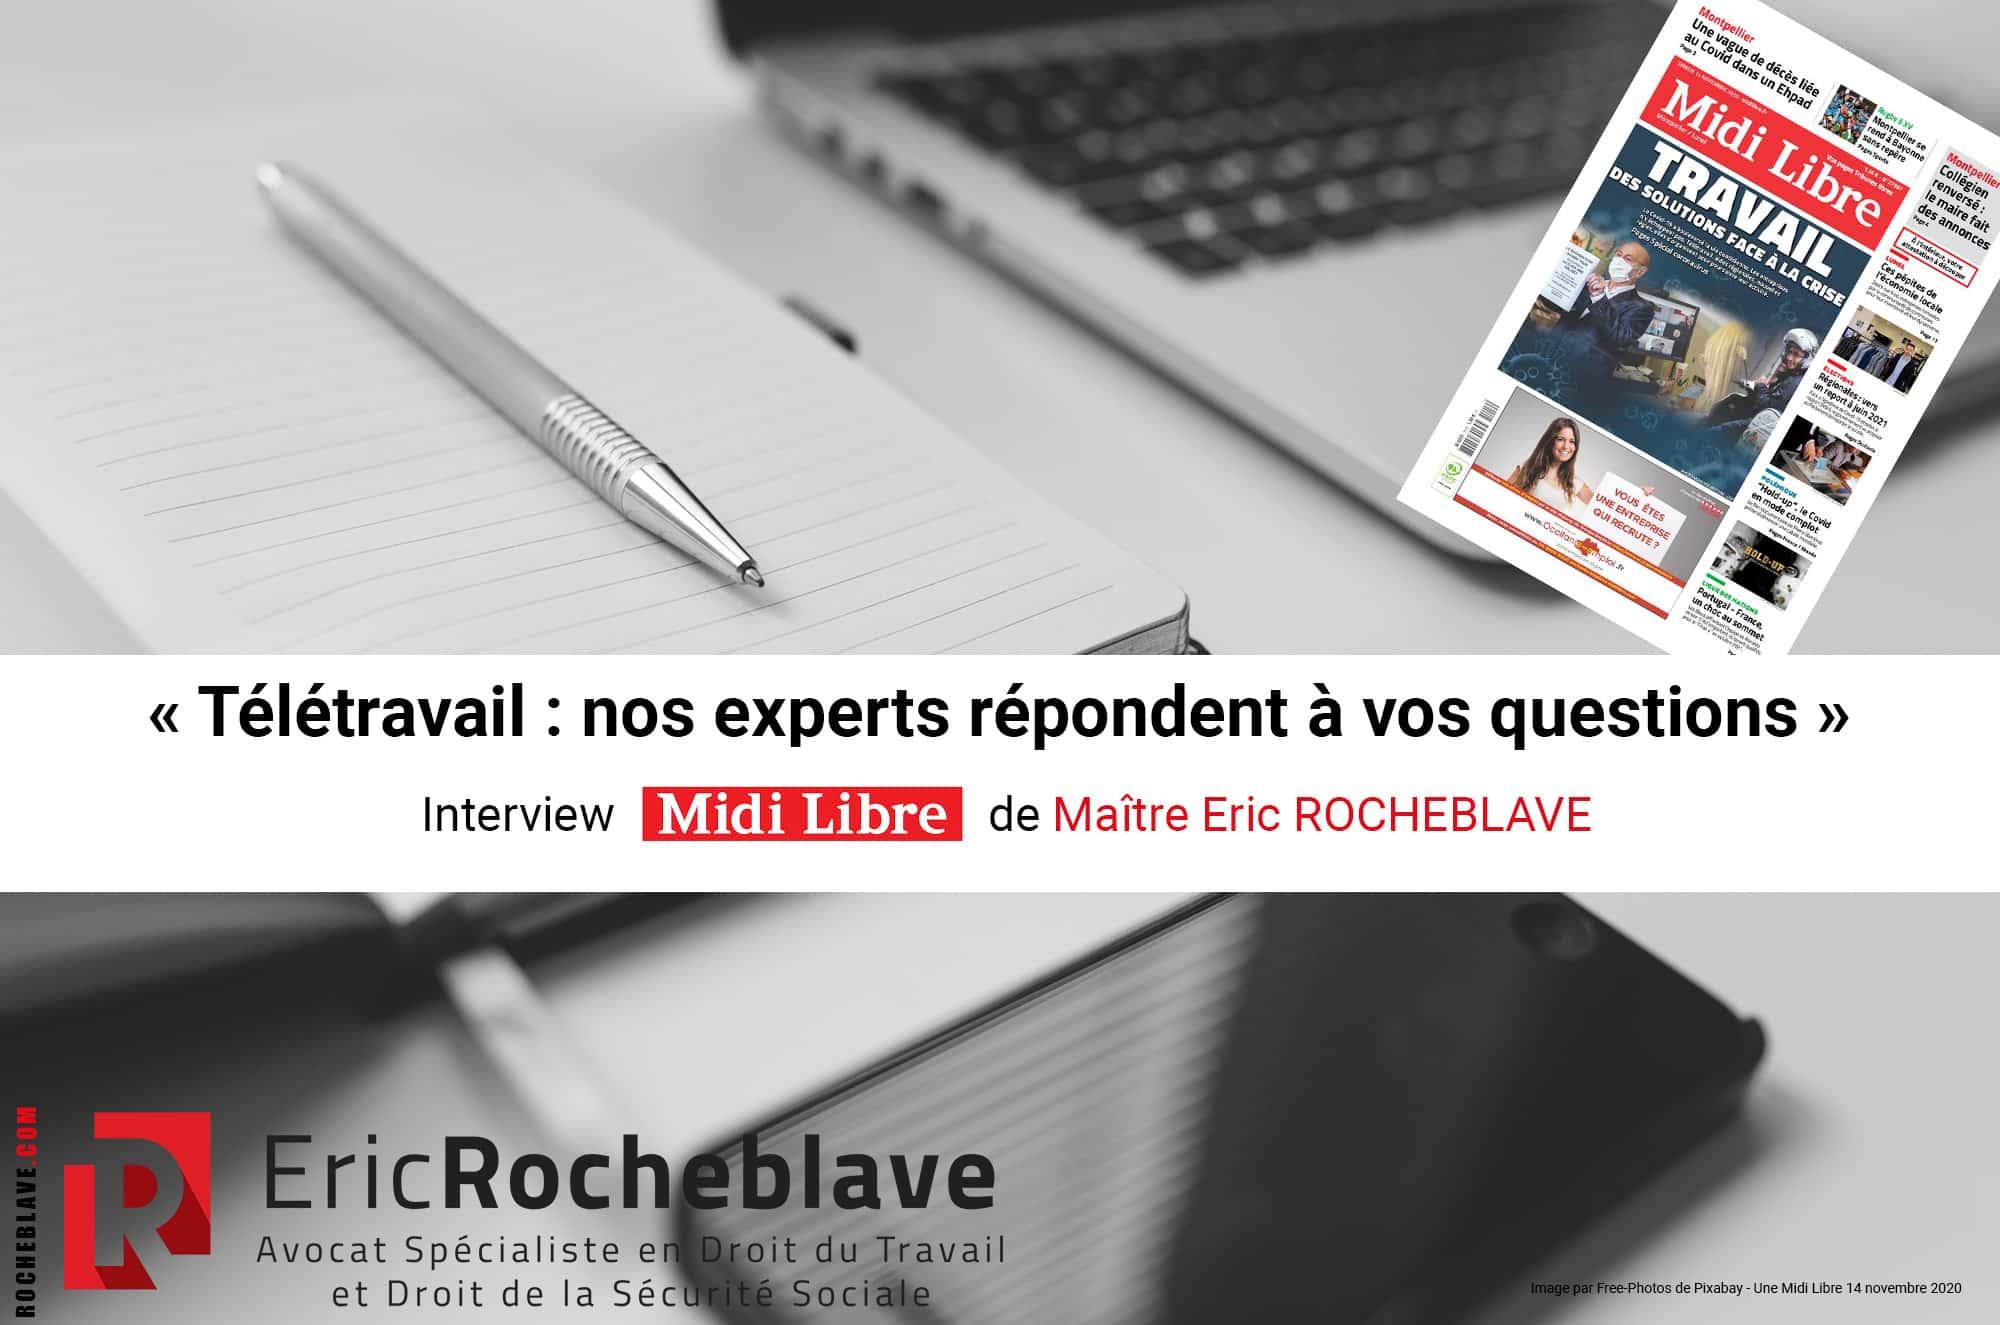 « Télétravail : nos experts répondent à vos questions » Interview Midi Libre de Maître Eric ROCHEBLAVE